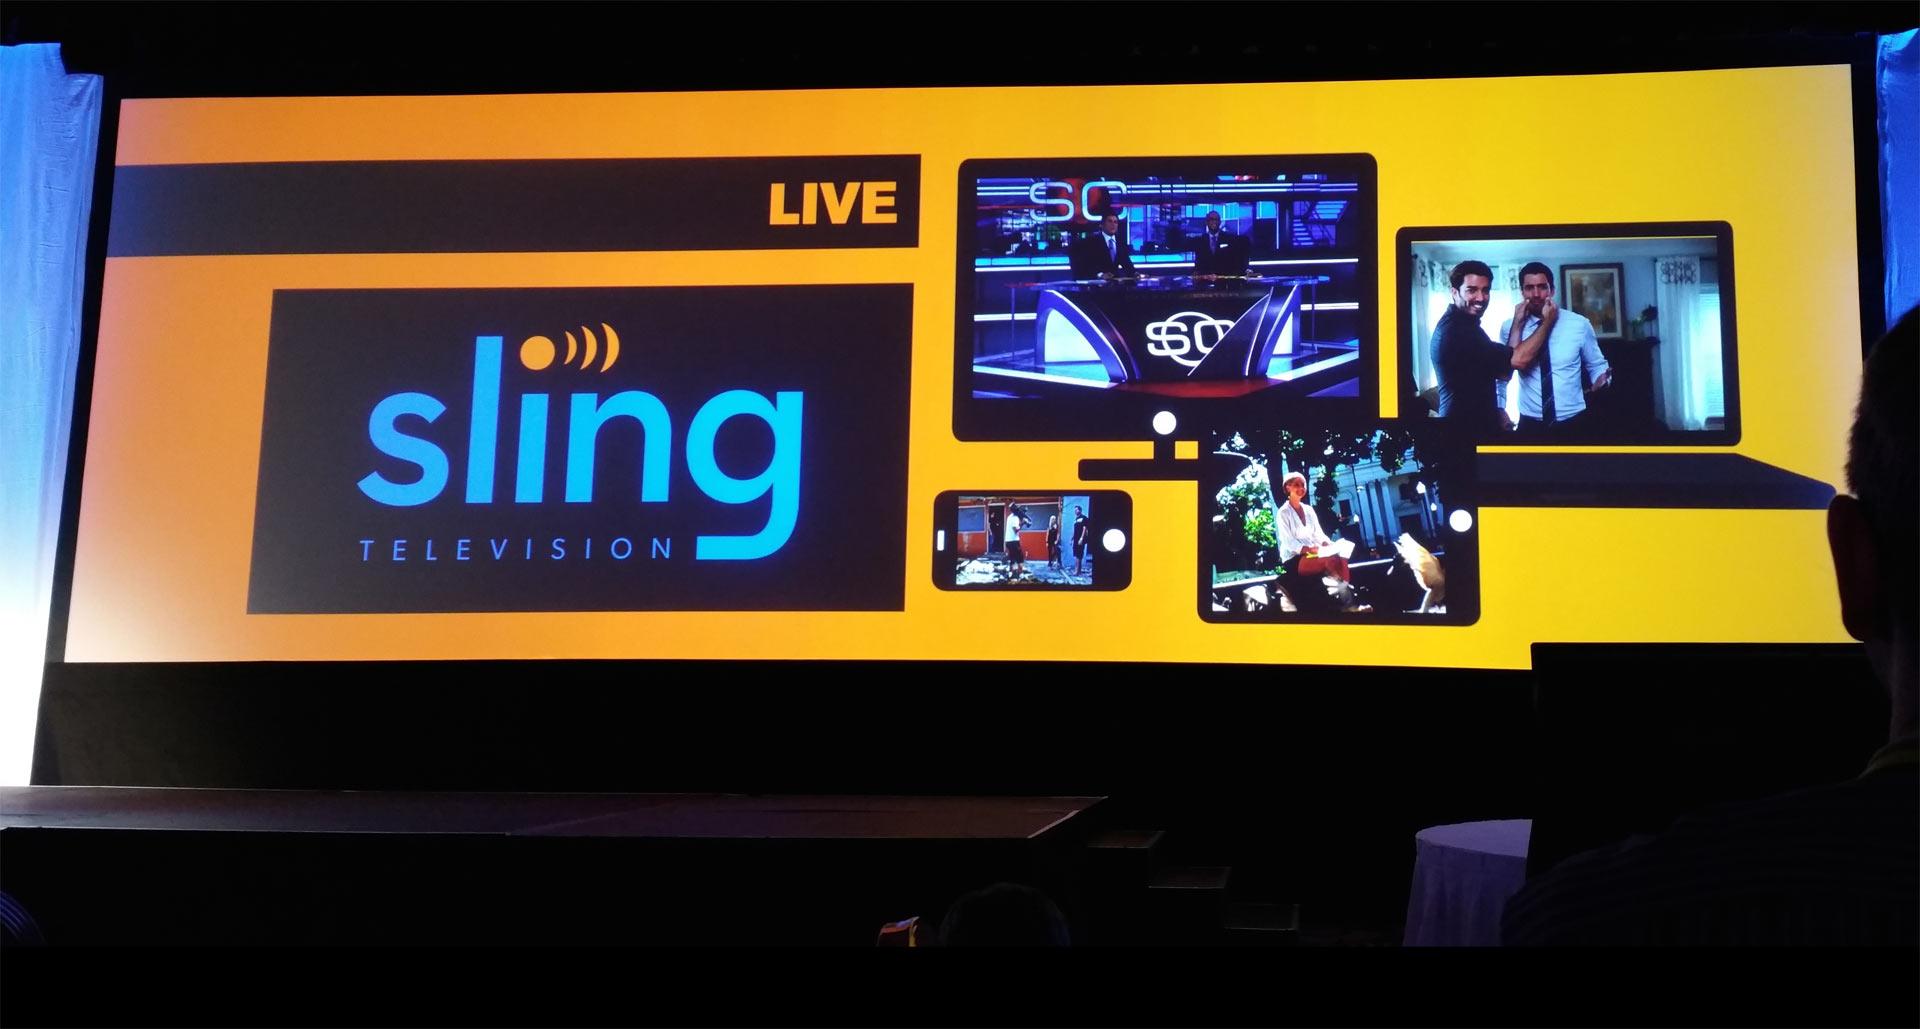 El servicio de televisión en vivo y por demanda tendrá su app disponible en el reproductor del gigante tecnológico